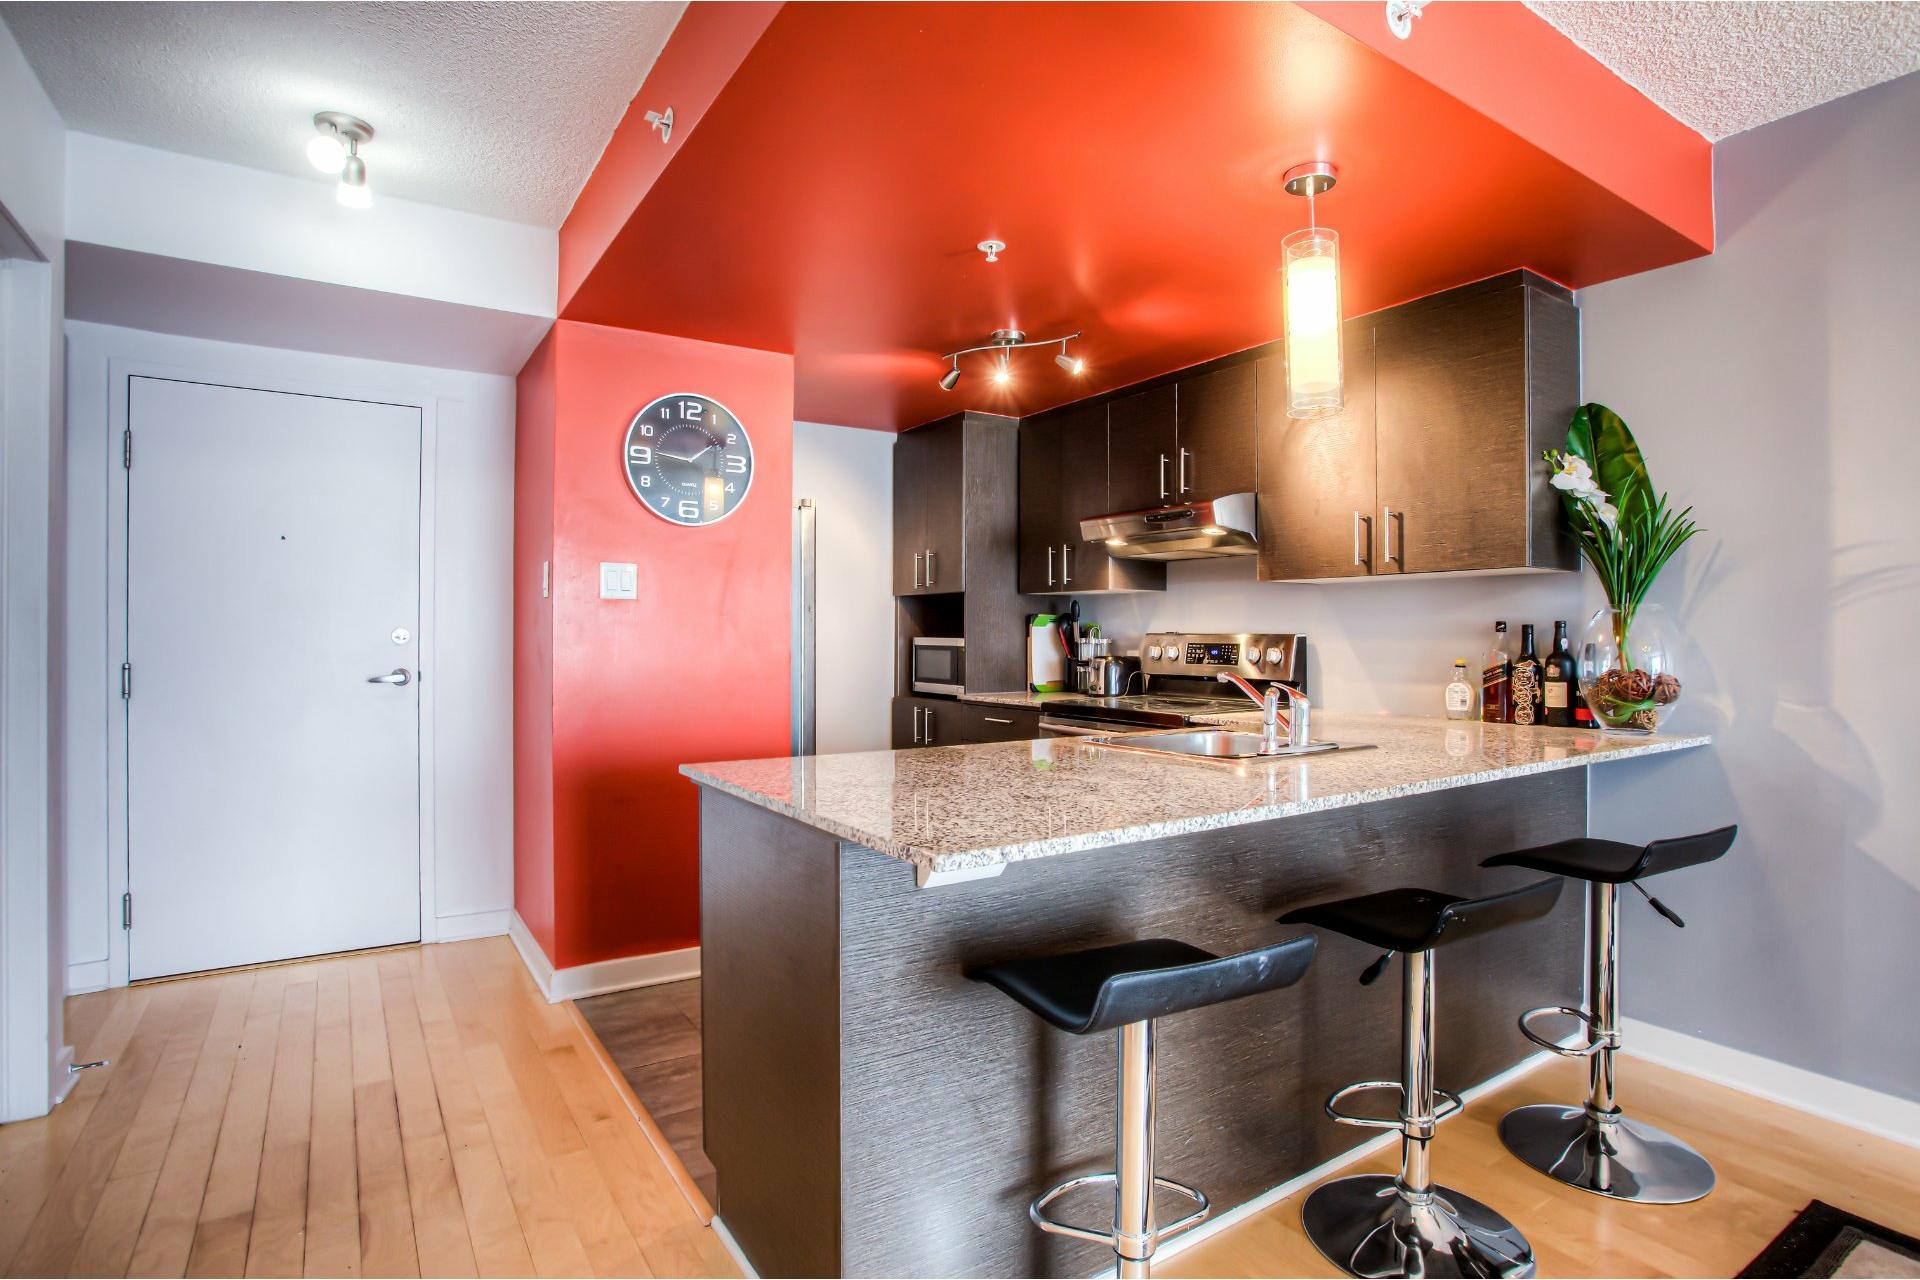 image 6 - Appartement À vendre Ahuntsic-Cartierville Montréal  - 3 pièces